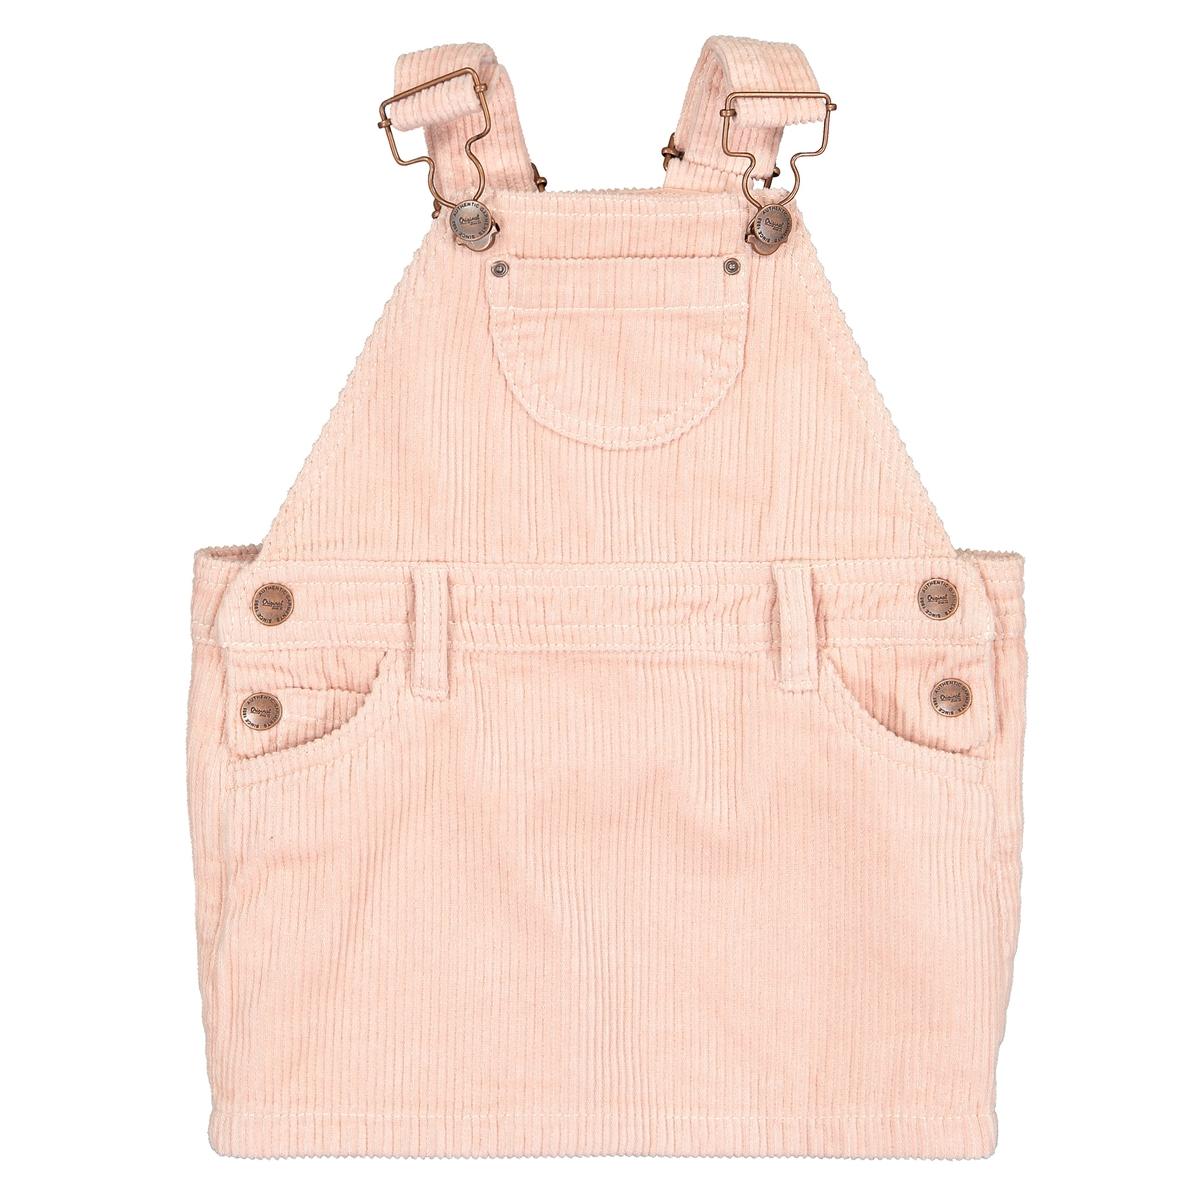 Платье La Redoute Вельветовое месяц- года 18 мес. - 81 см розовый шорты la redoute из велюра мес года 18 мес 81 см розовый